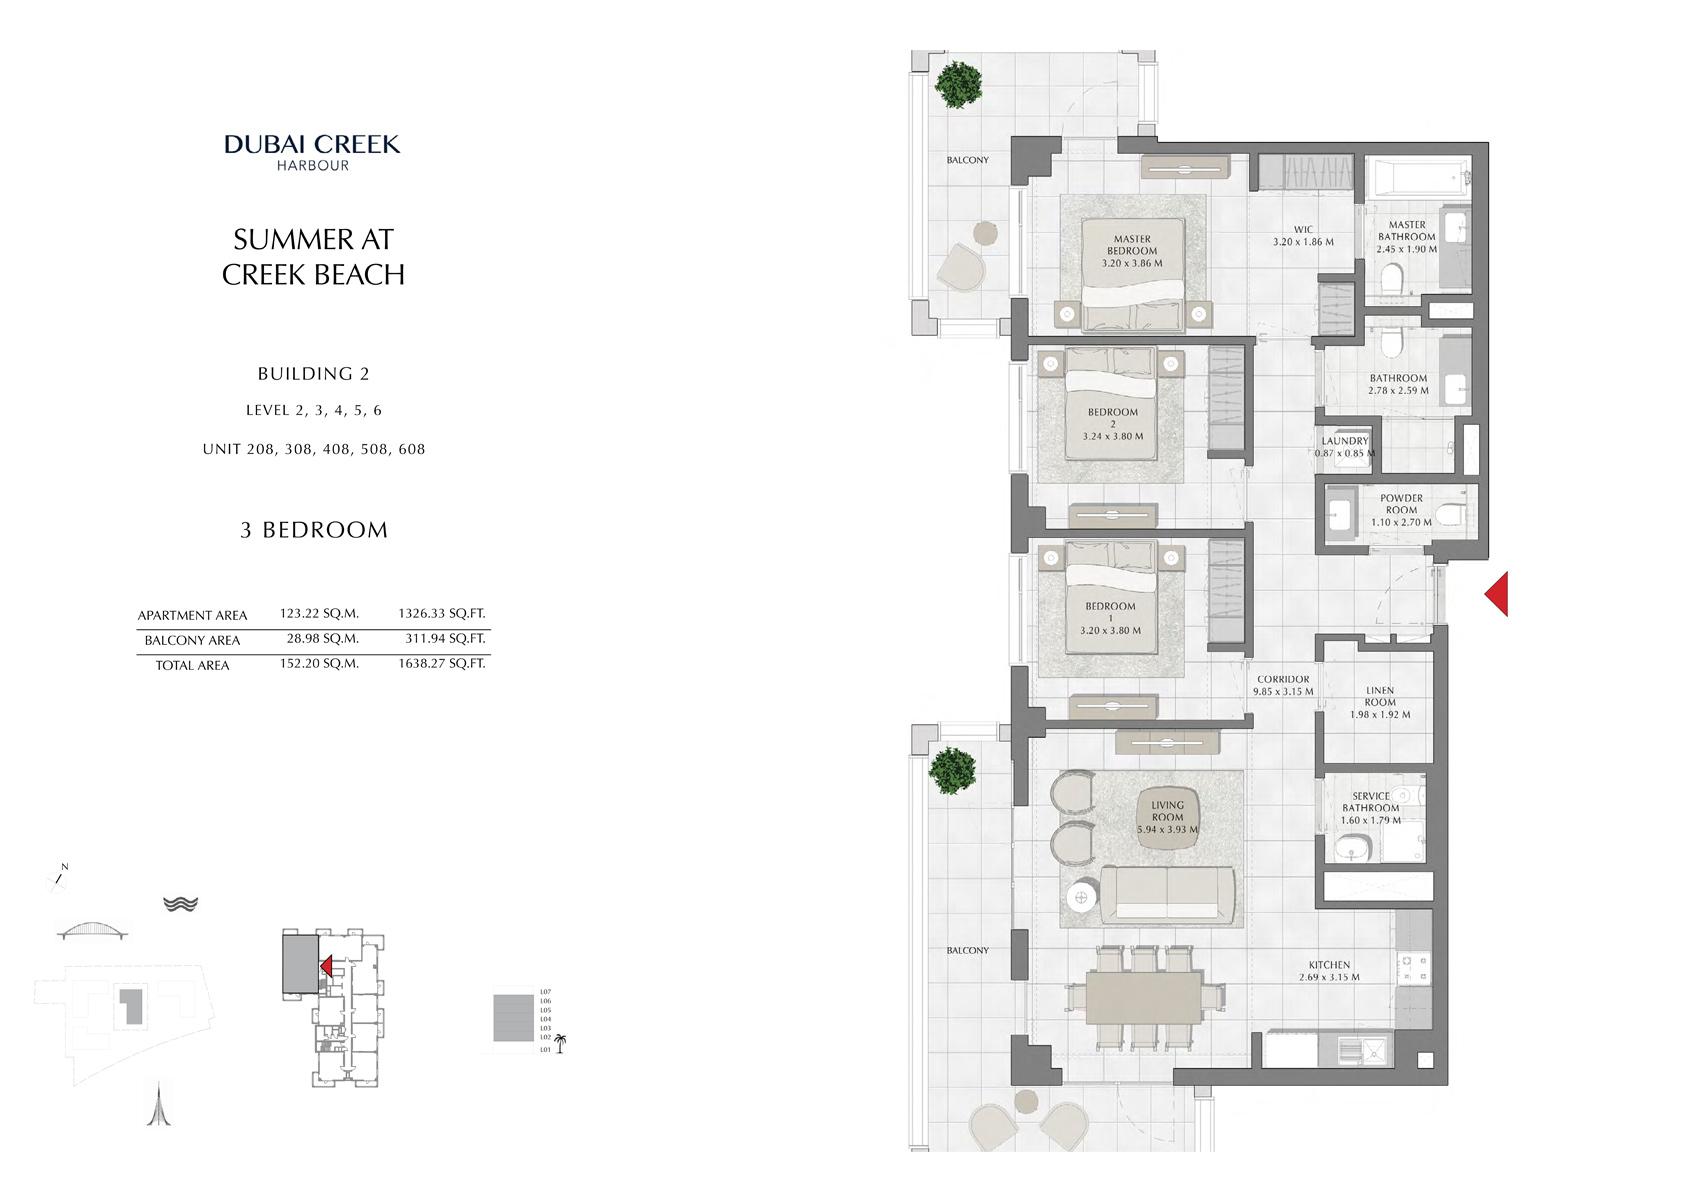 3 Br Building 2 Level-2-3-4-5-6 Unit-208-308-408-508-608, Size 1638 Sq Ft